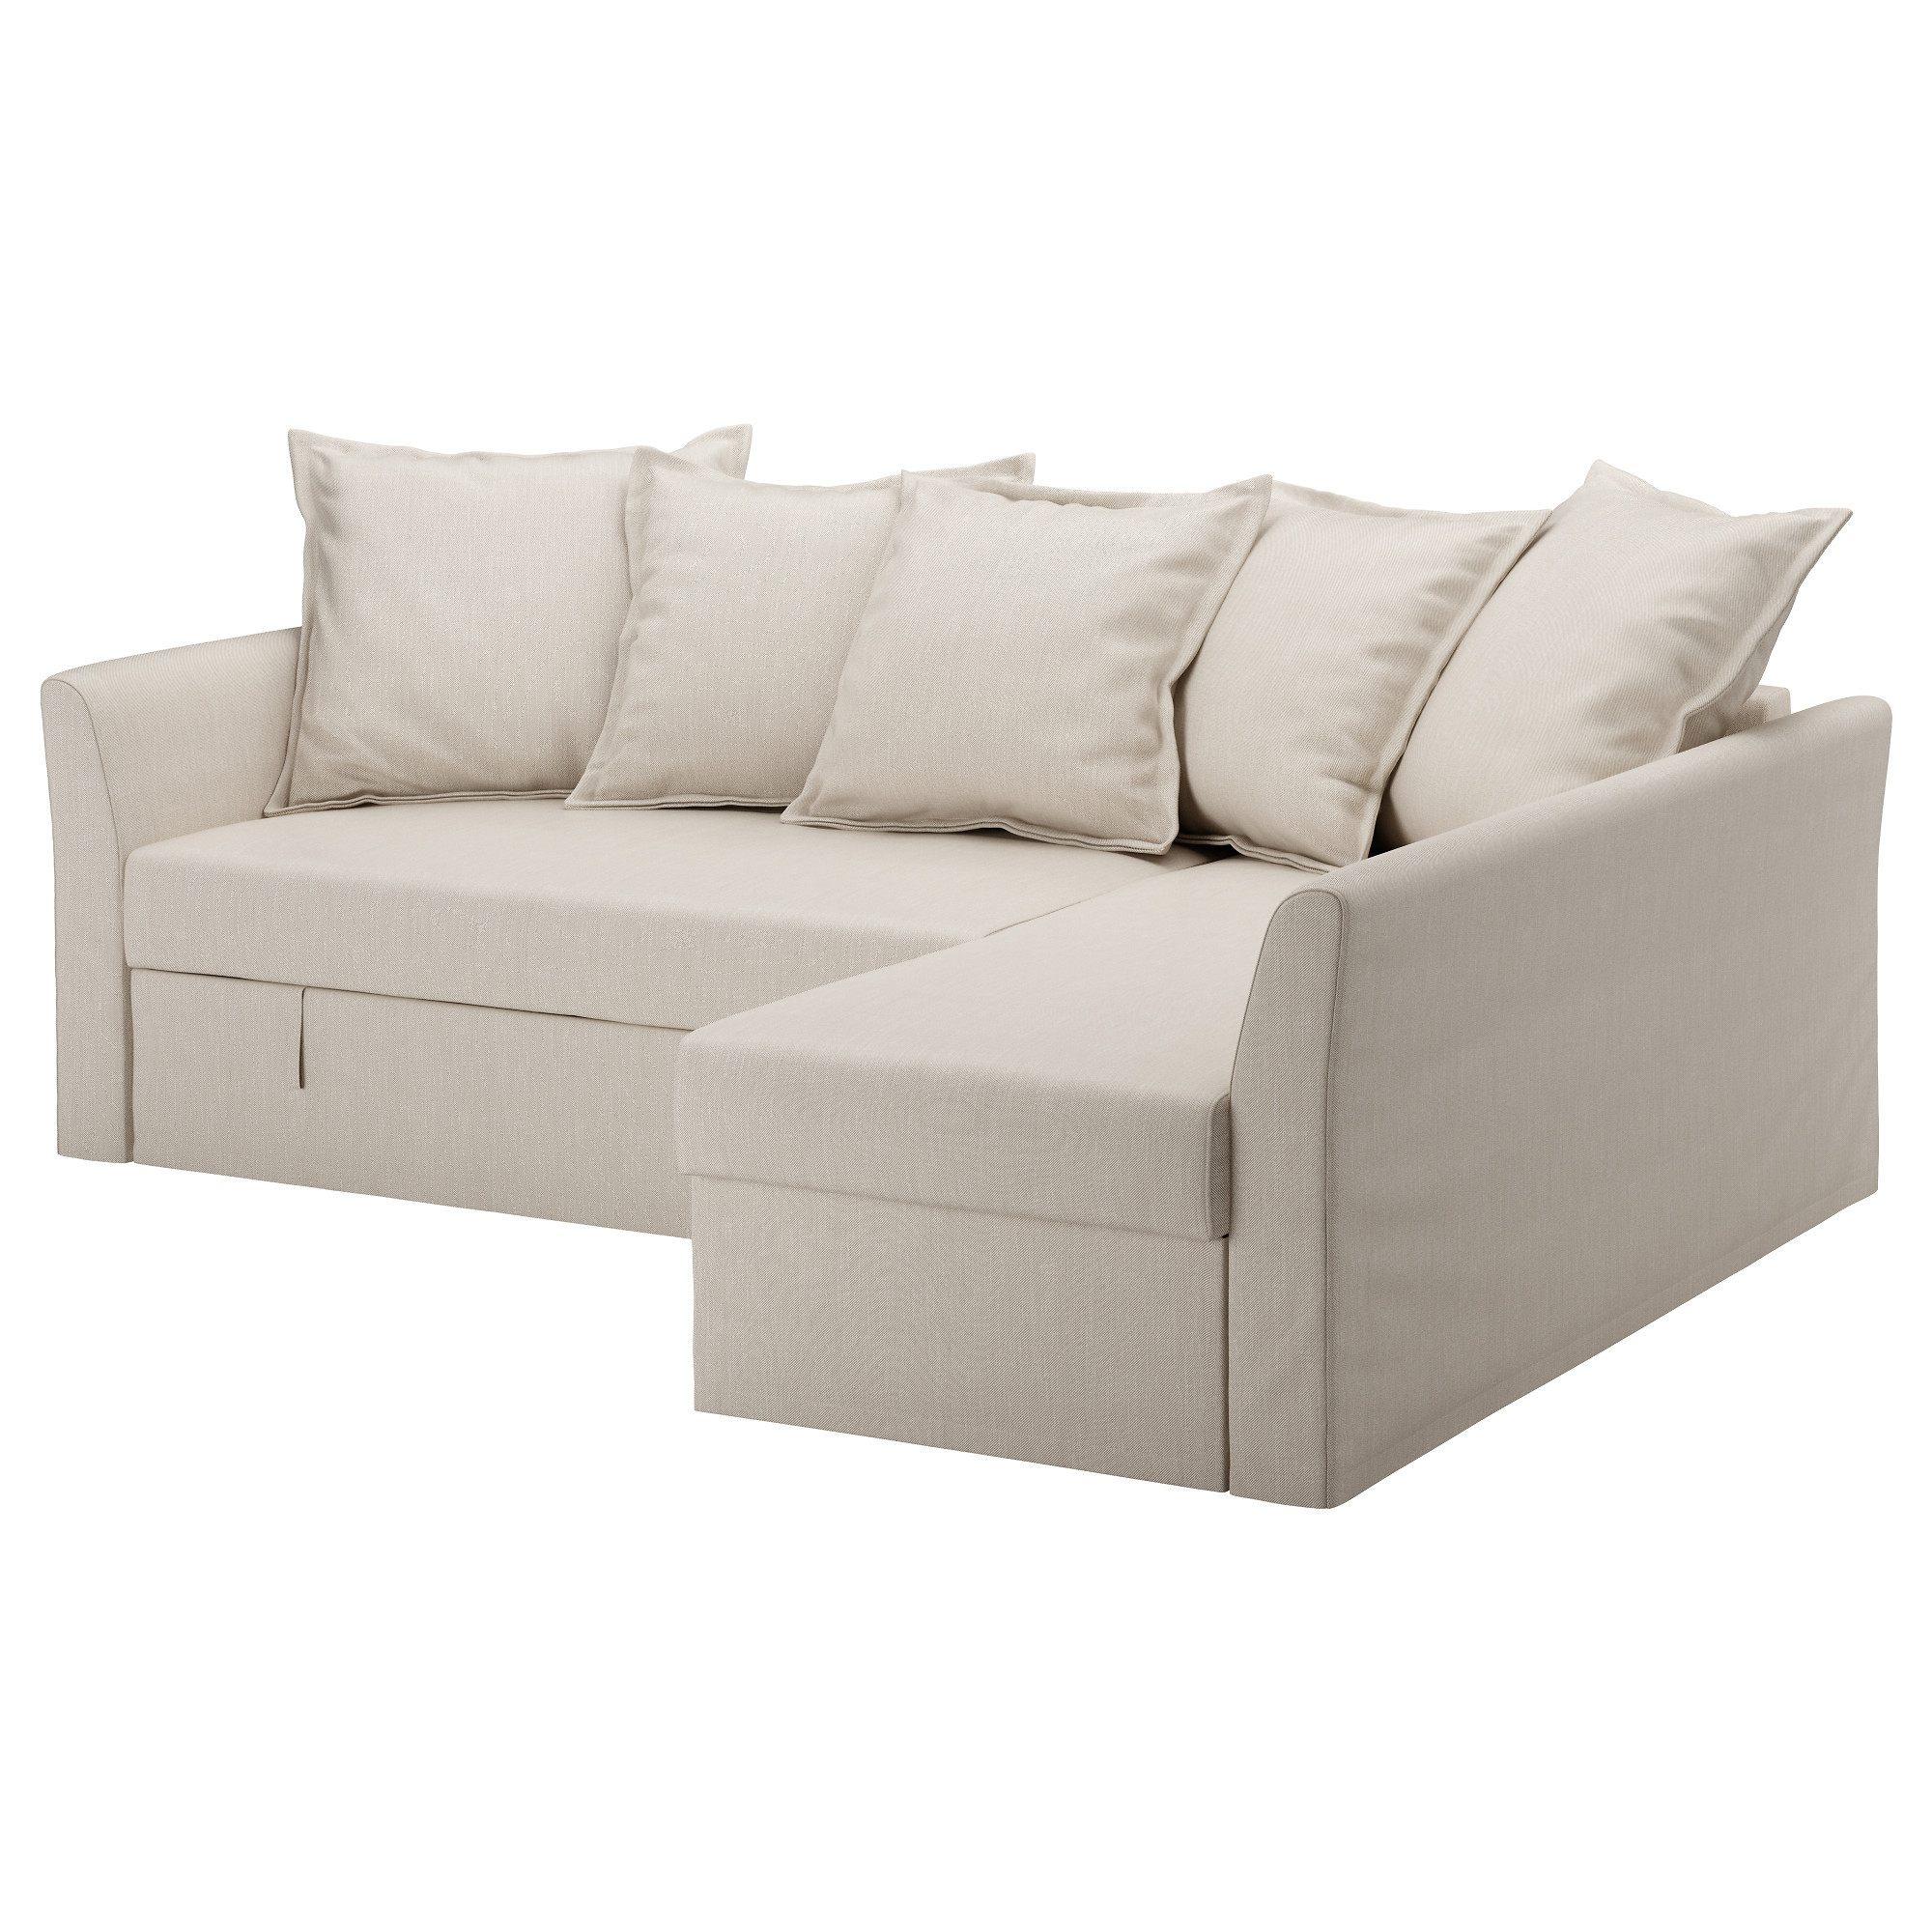 Canapé Lit Ikea Beau Beau Canapé Angle Convertible Beige Et Canape D Angle Lit Lion